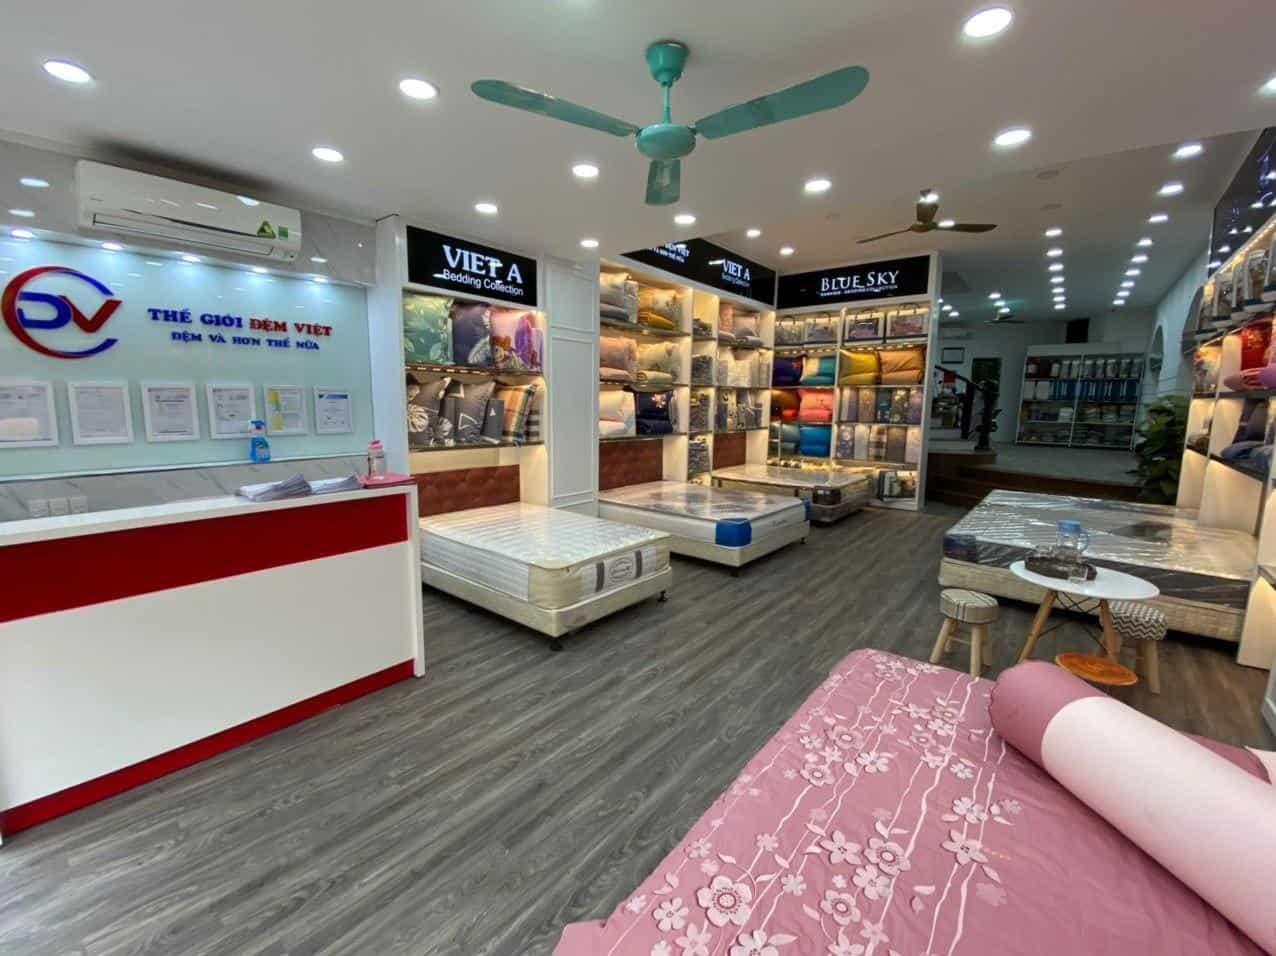 Thế giới nệm Việt là địa chỉ mua nệm tốt, giá hợp lý tại Hà Nội